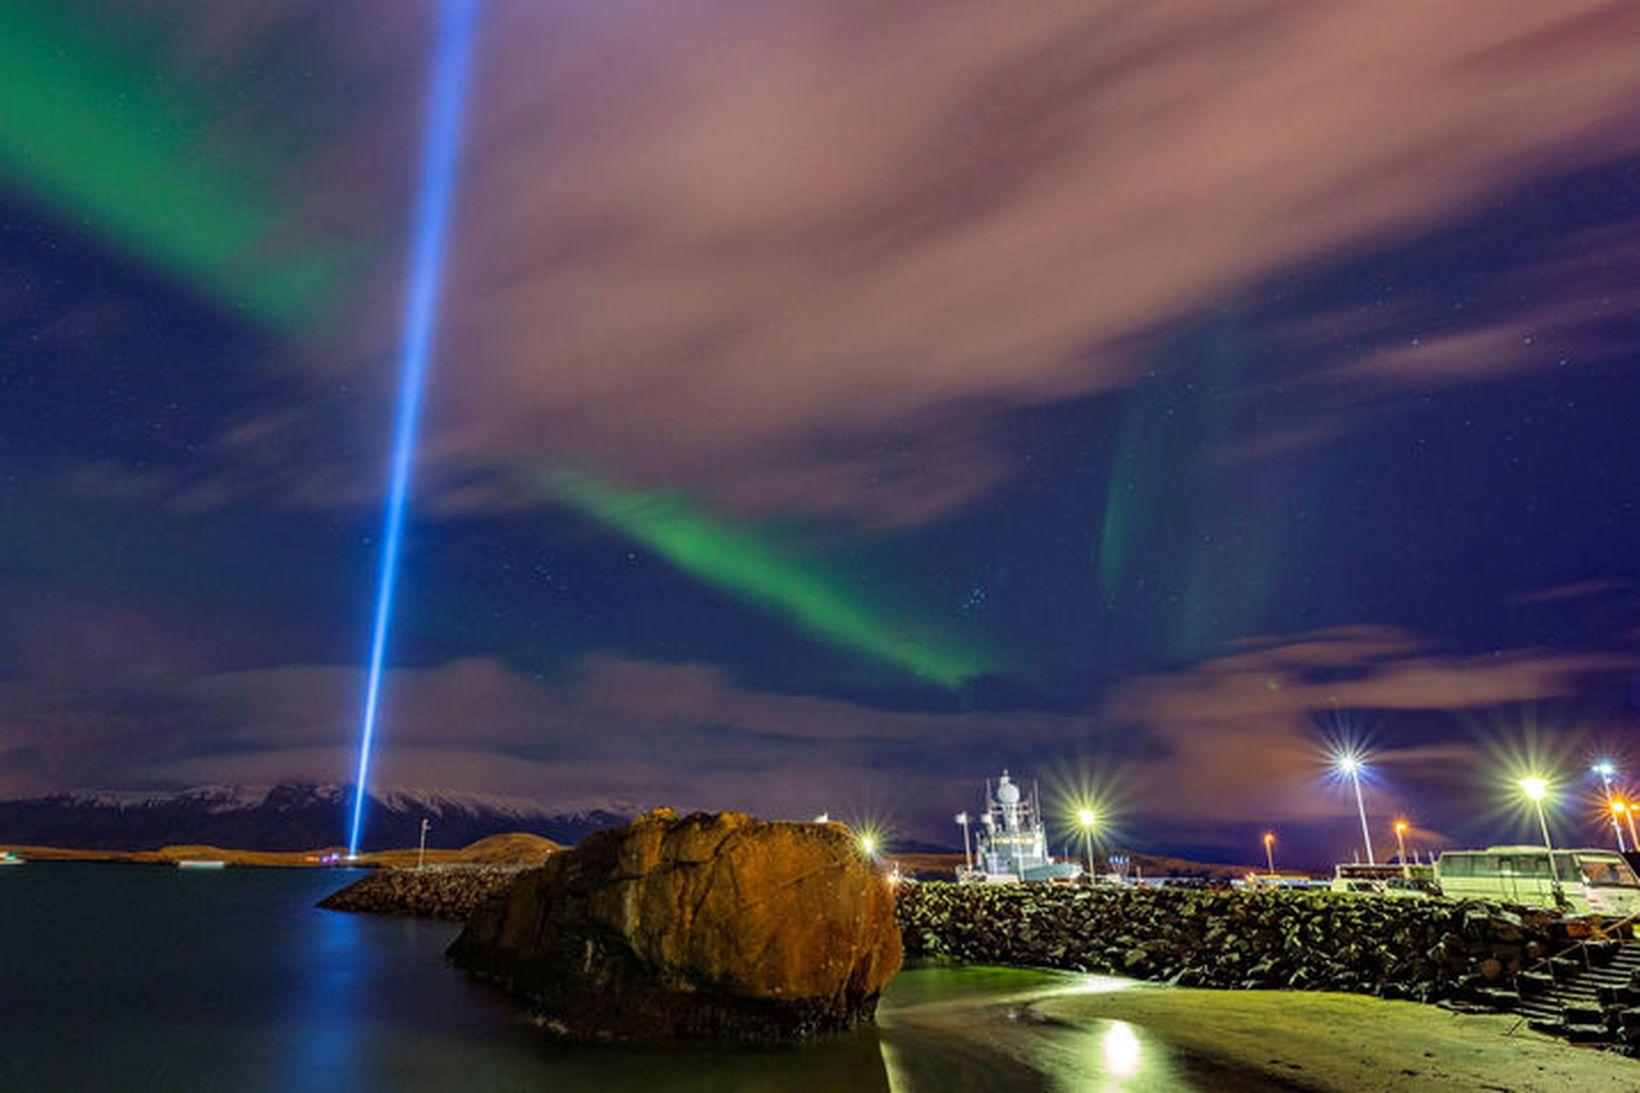 Frá tendrun Friðarsúlunnar árið 2018.